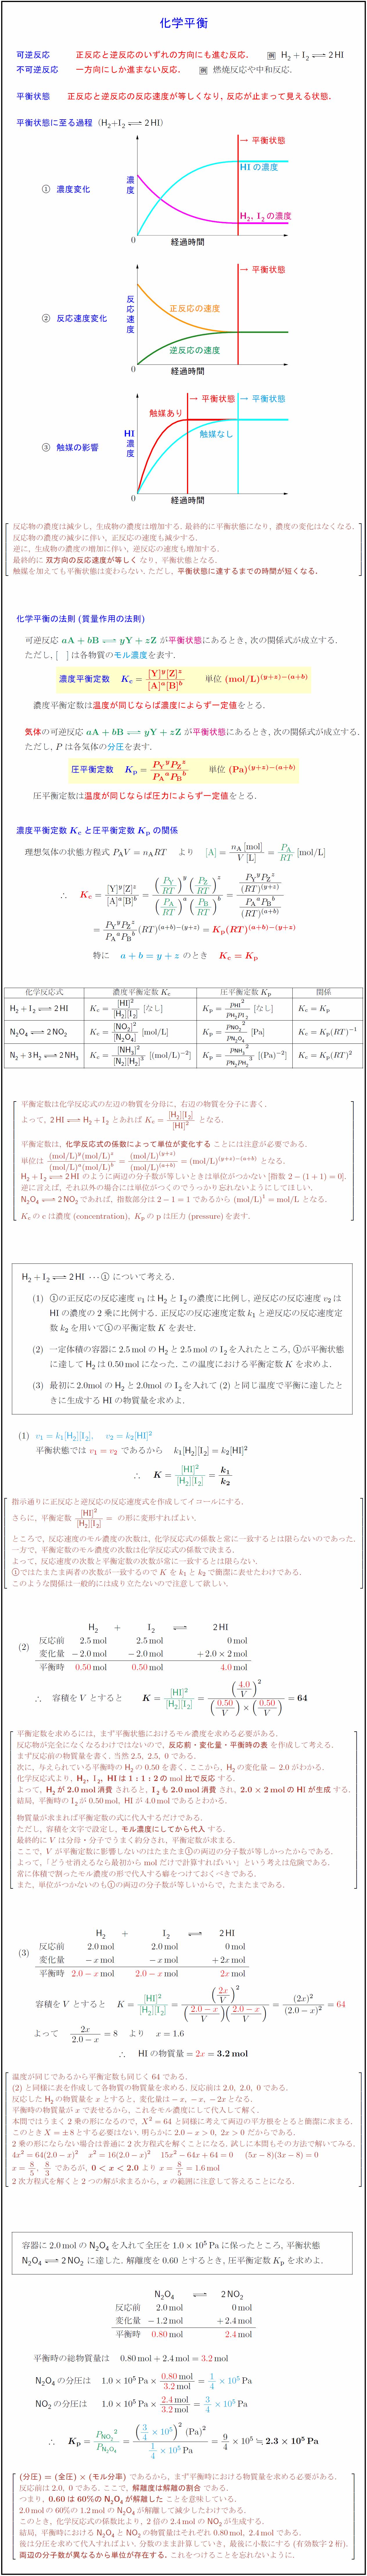 equilibrium-law